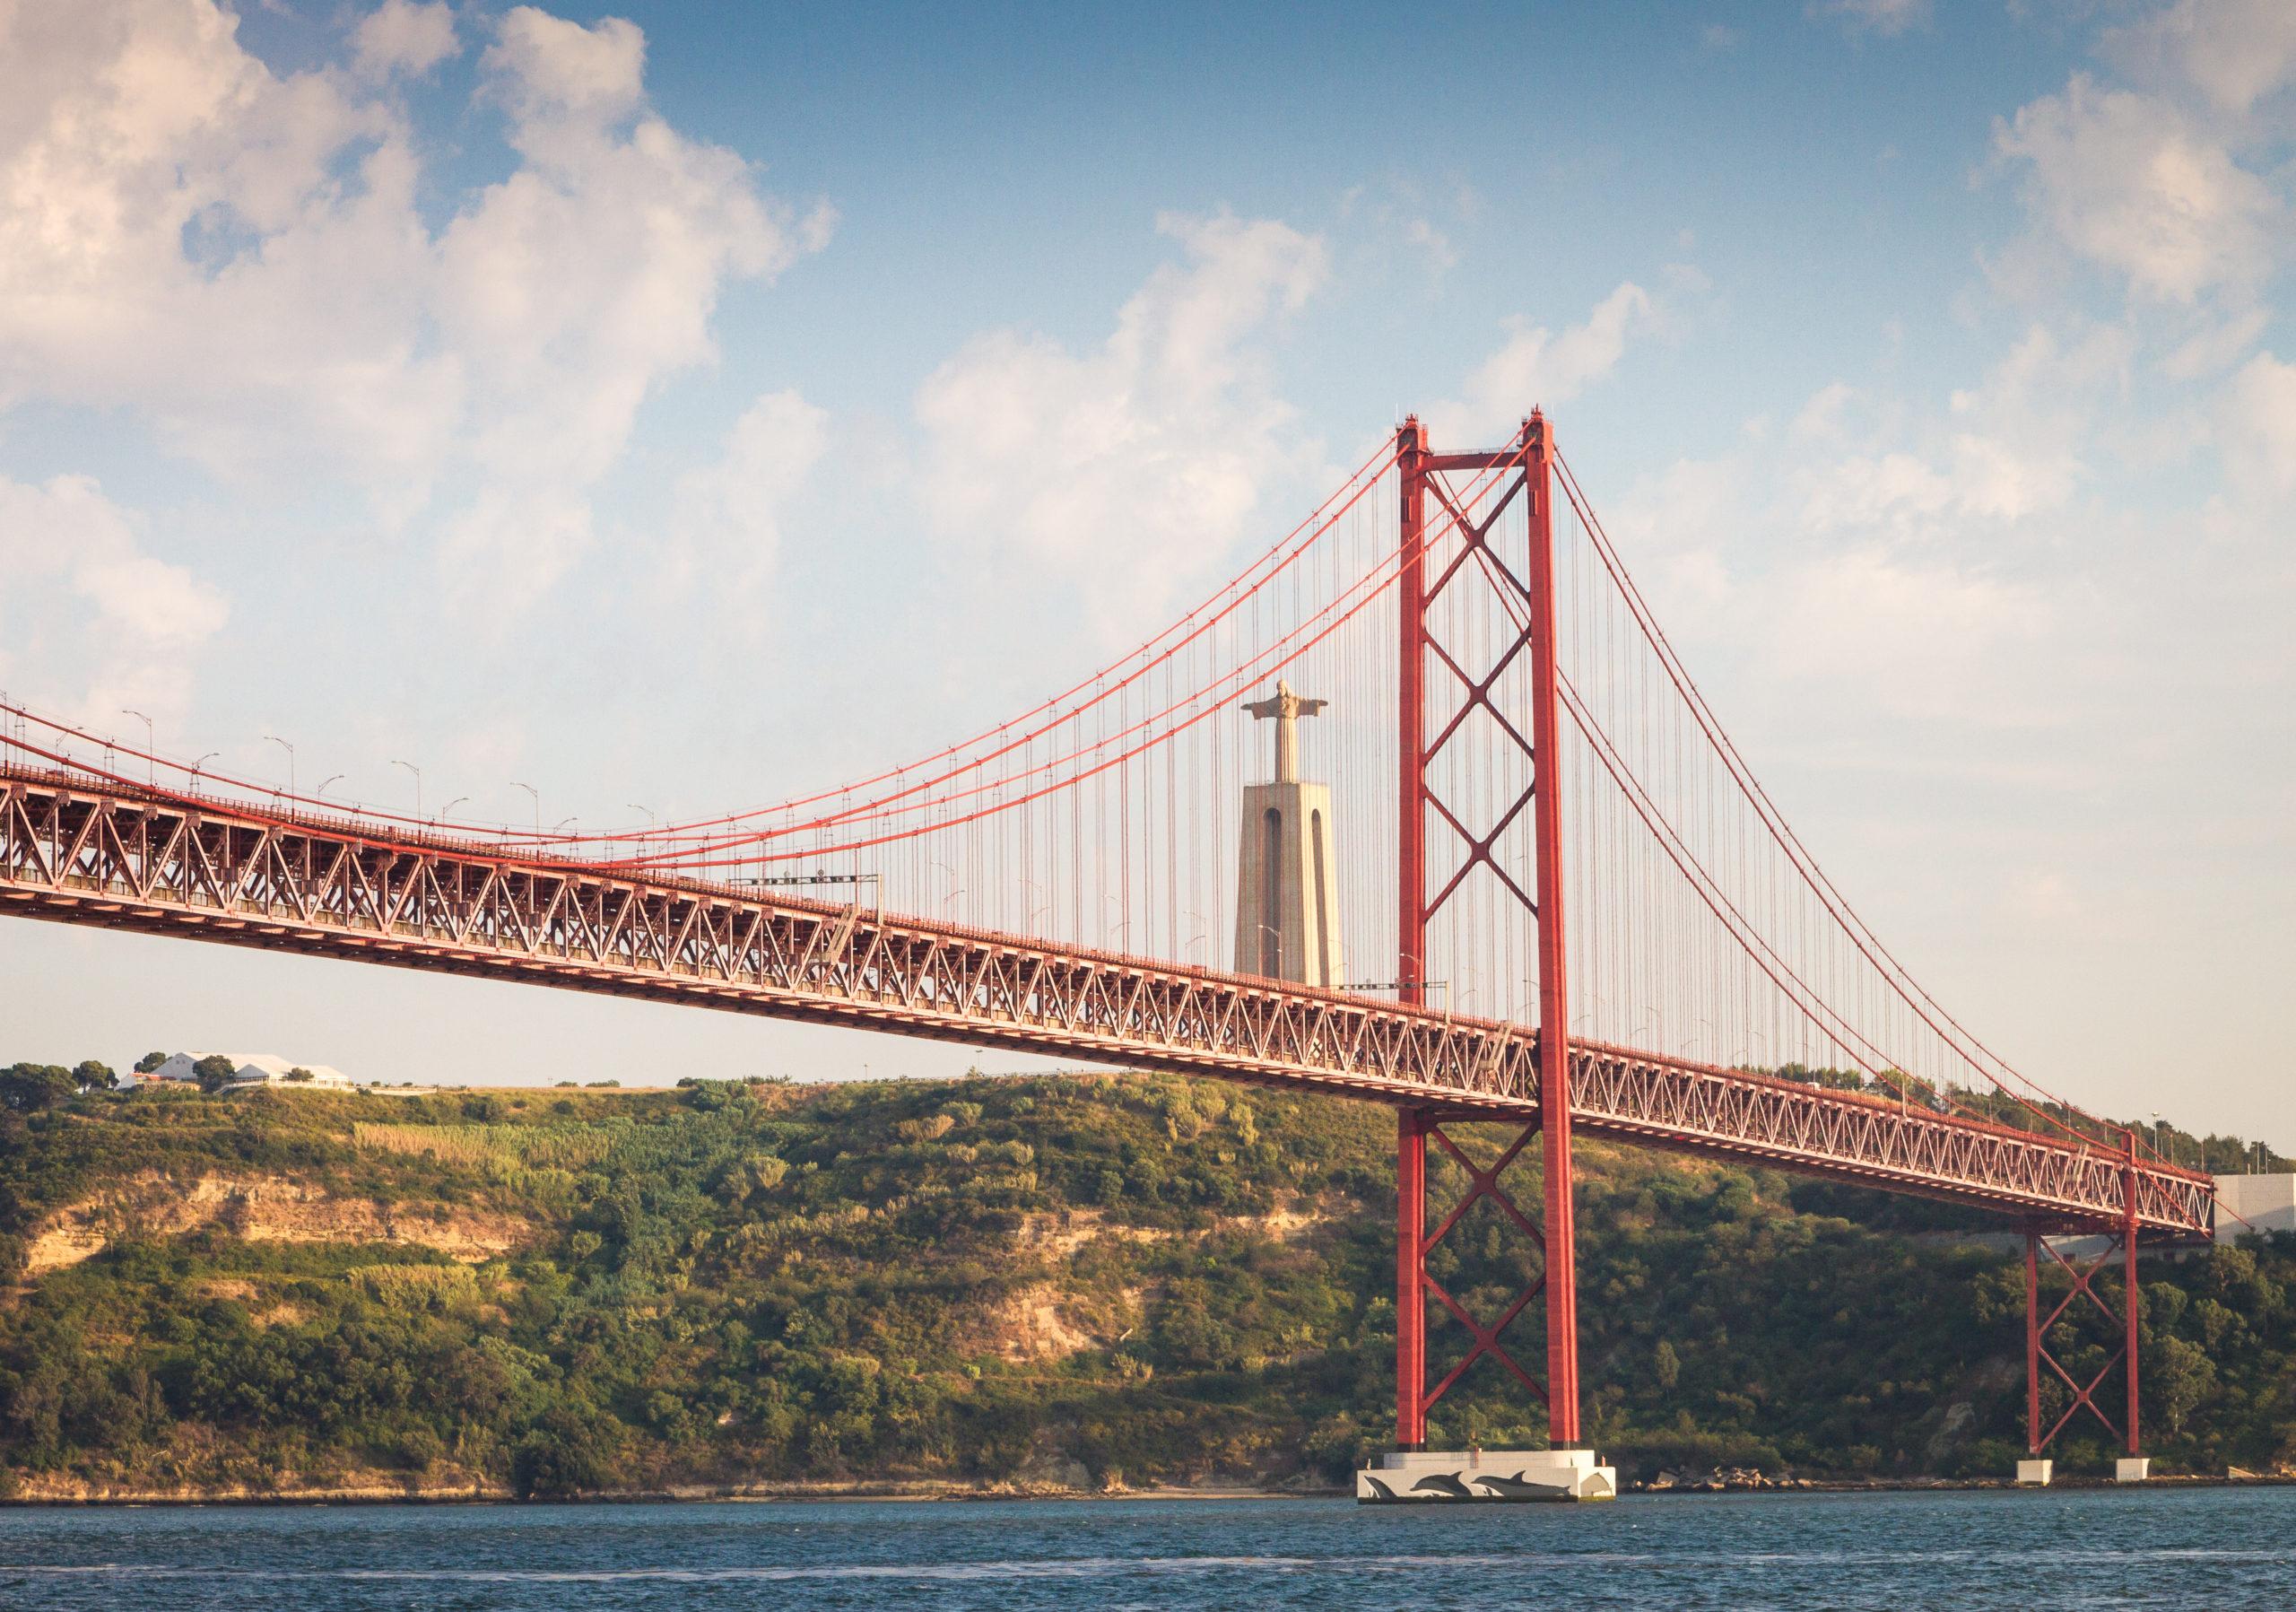 центре сюжета с какого места фотографировать мост в лиссабоне читал сценарии последнего